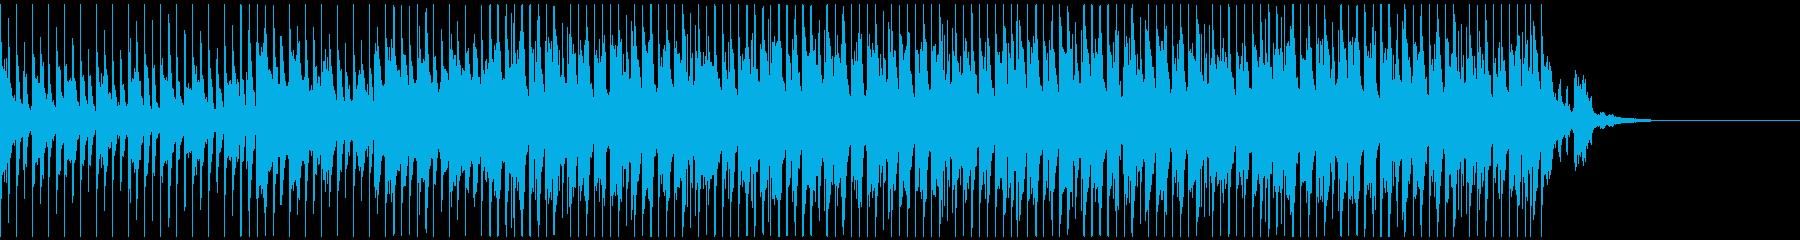 企業VP/CM向け明るい口笛&タムタムの再生済みの波形